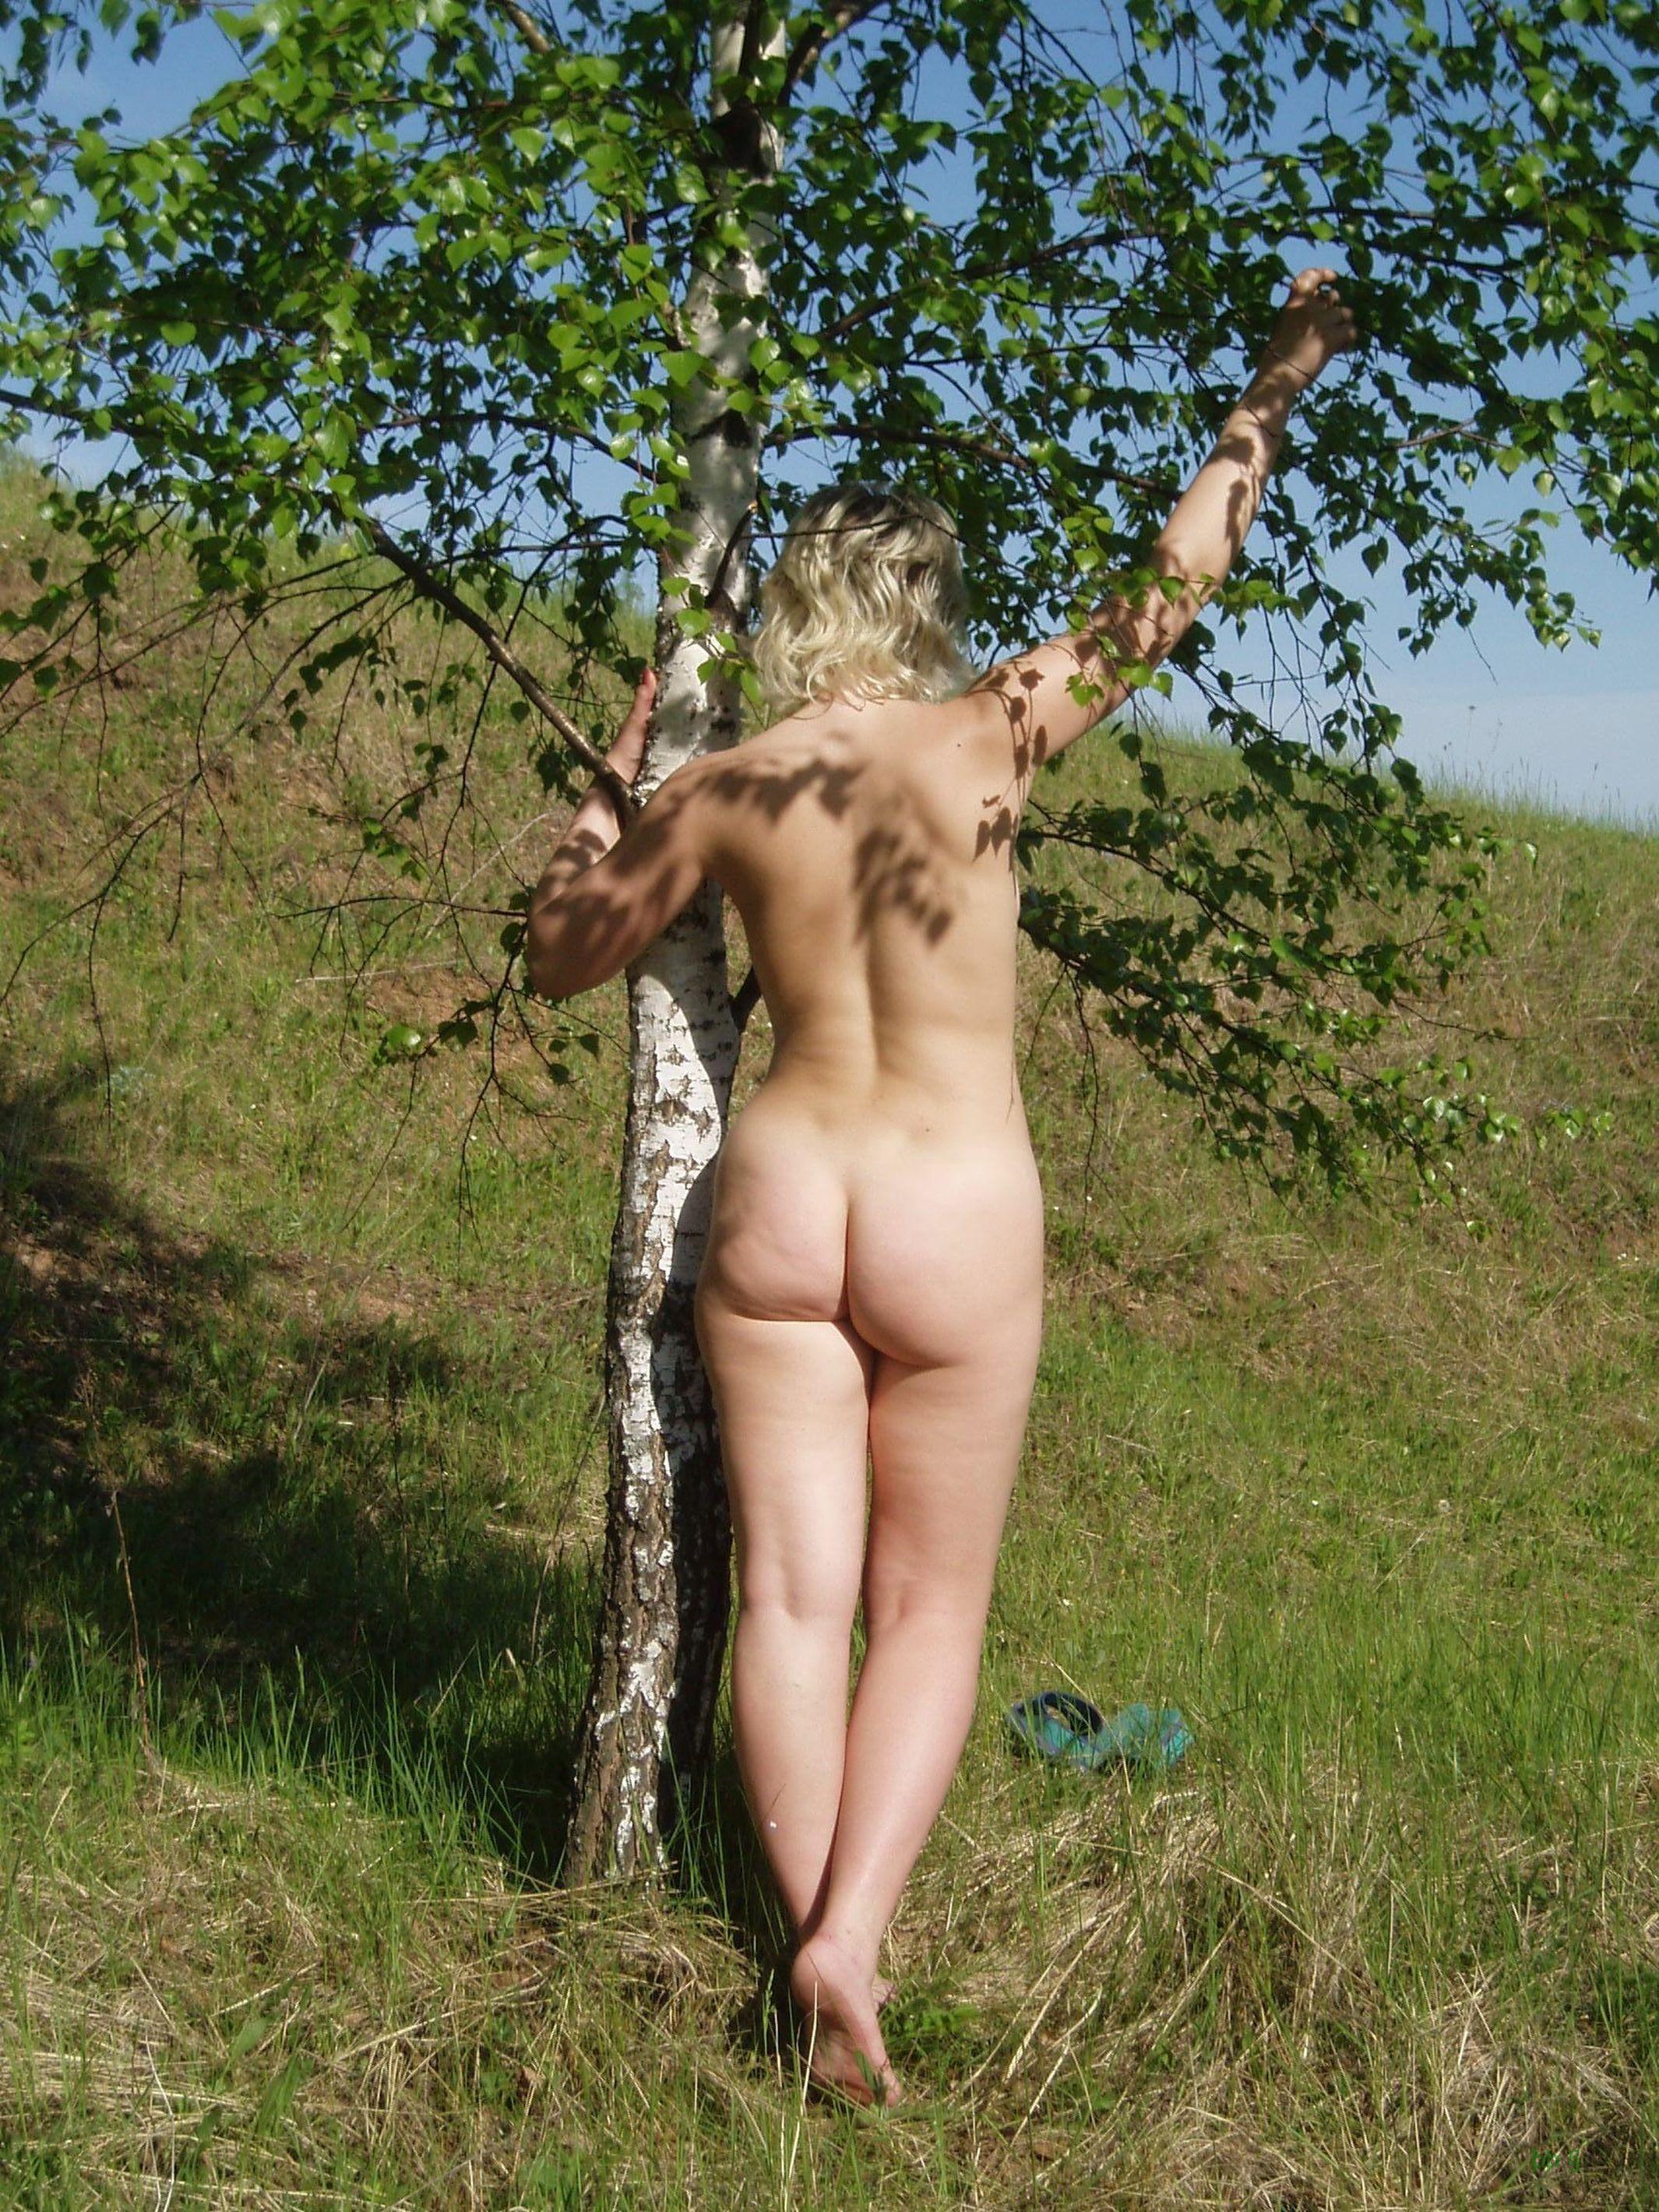 У раскованной блондинки предостаточно фотографий, на которых она показывает всем свое тело